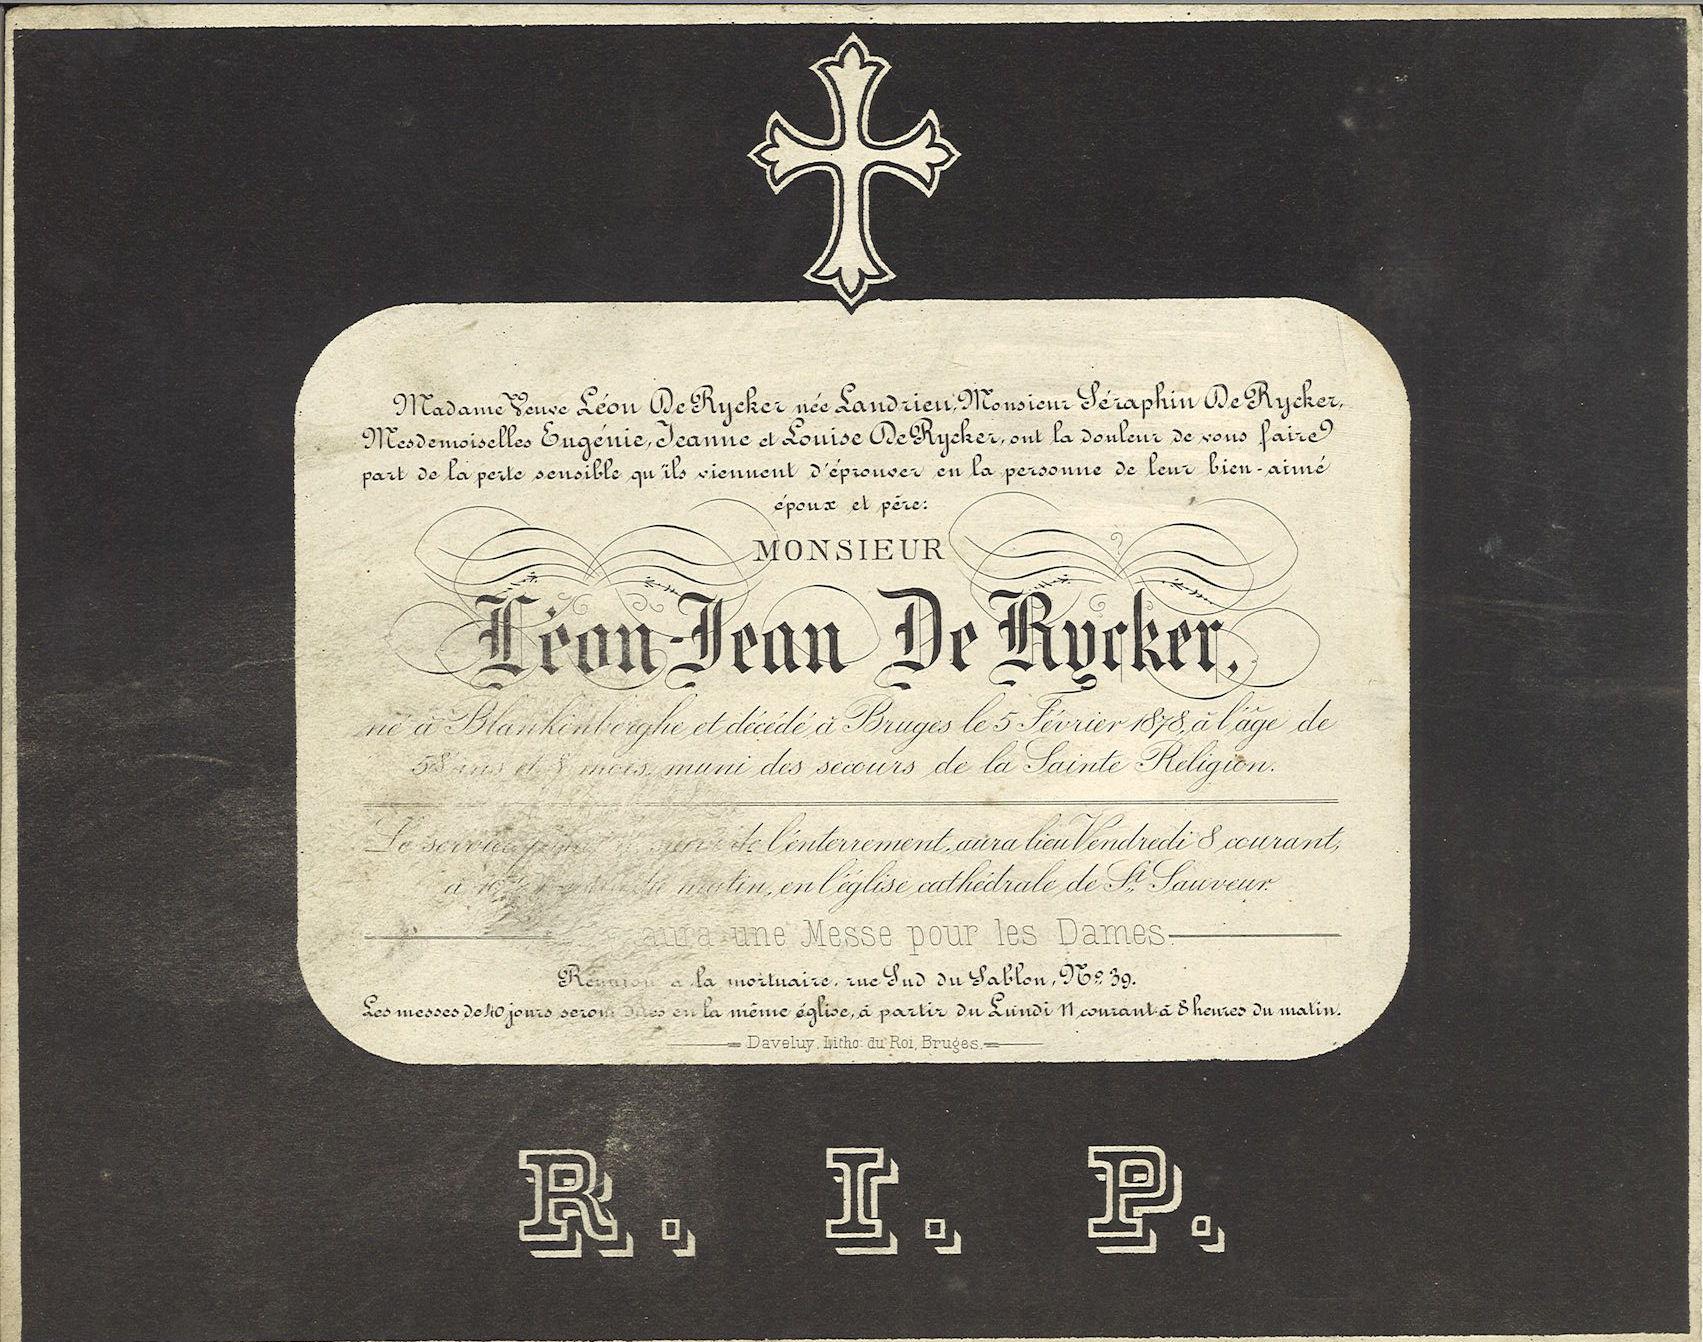 Léon-Jean De Rycker